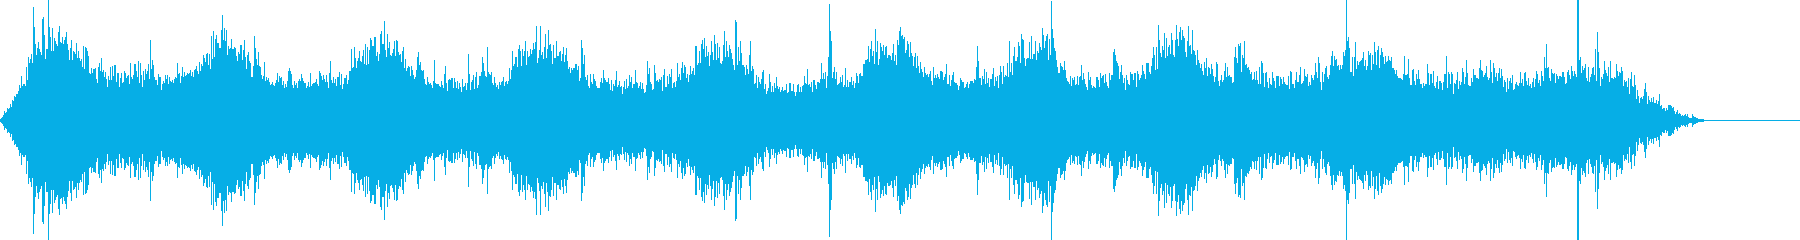 ライド;円形油圧ライドが開始され、...の再生済みの波形